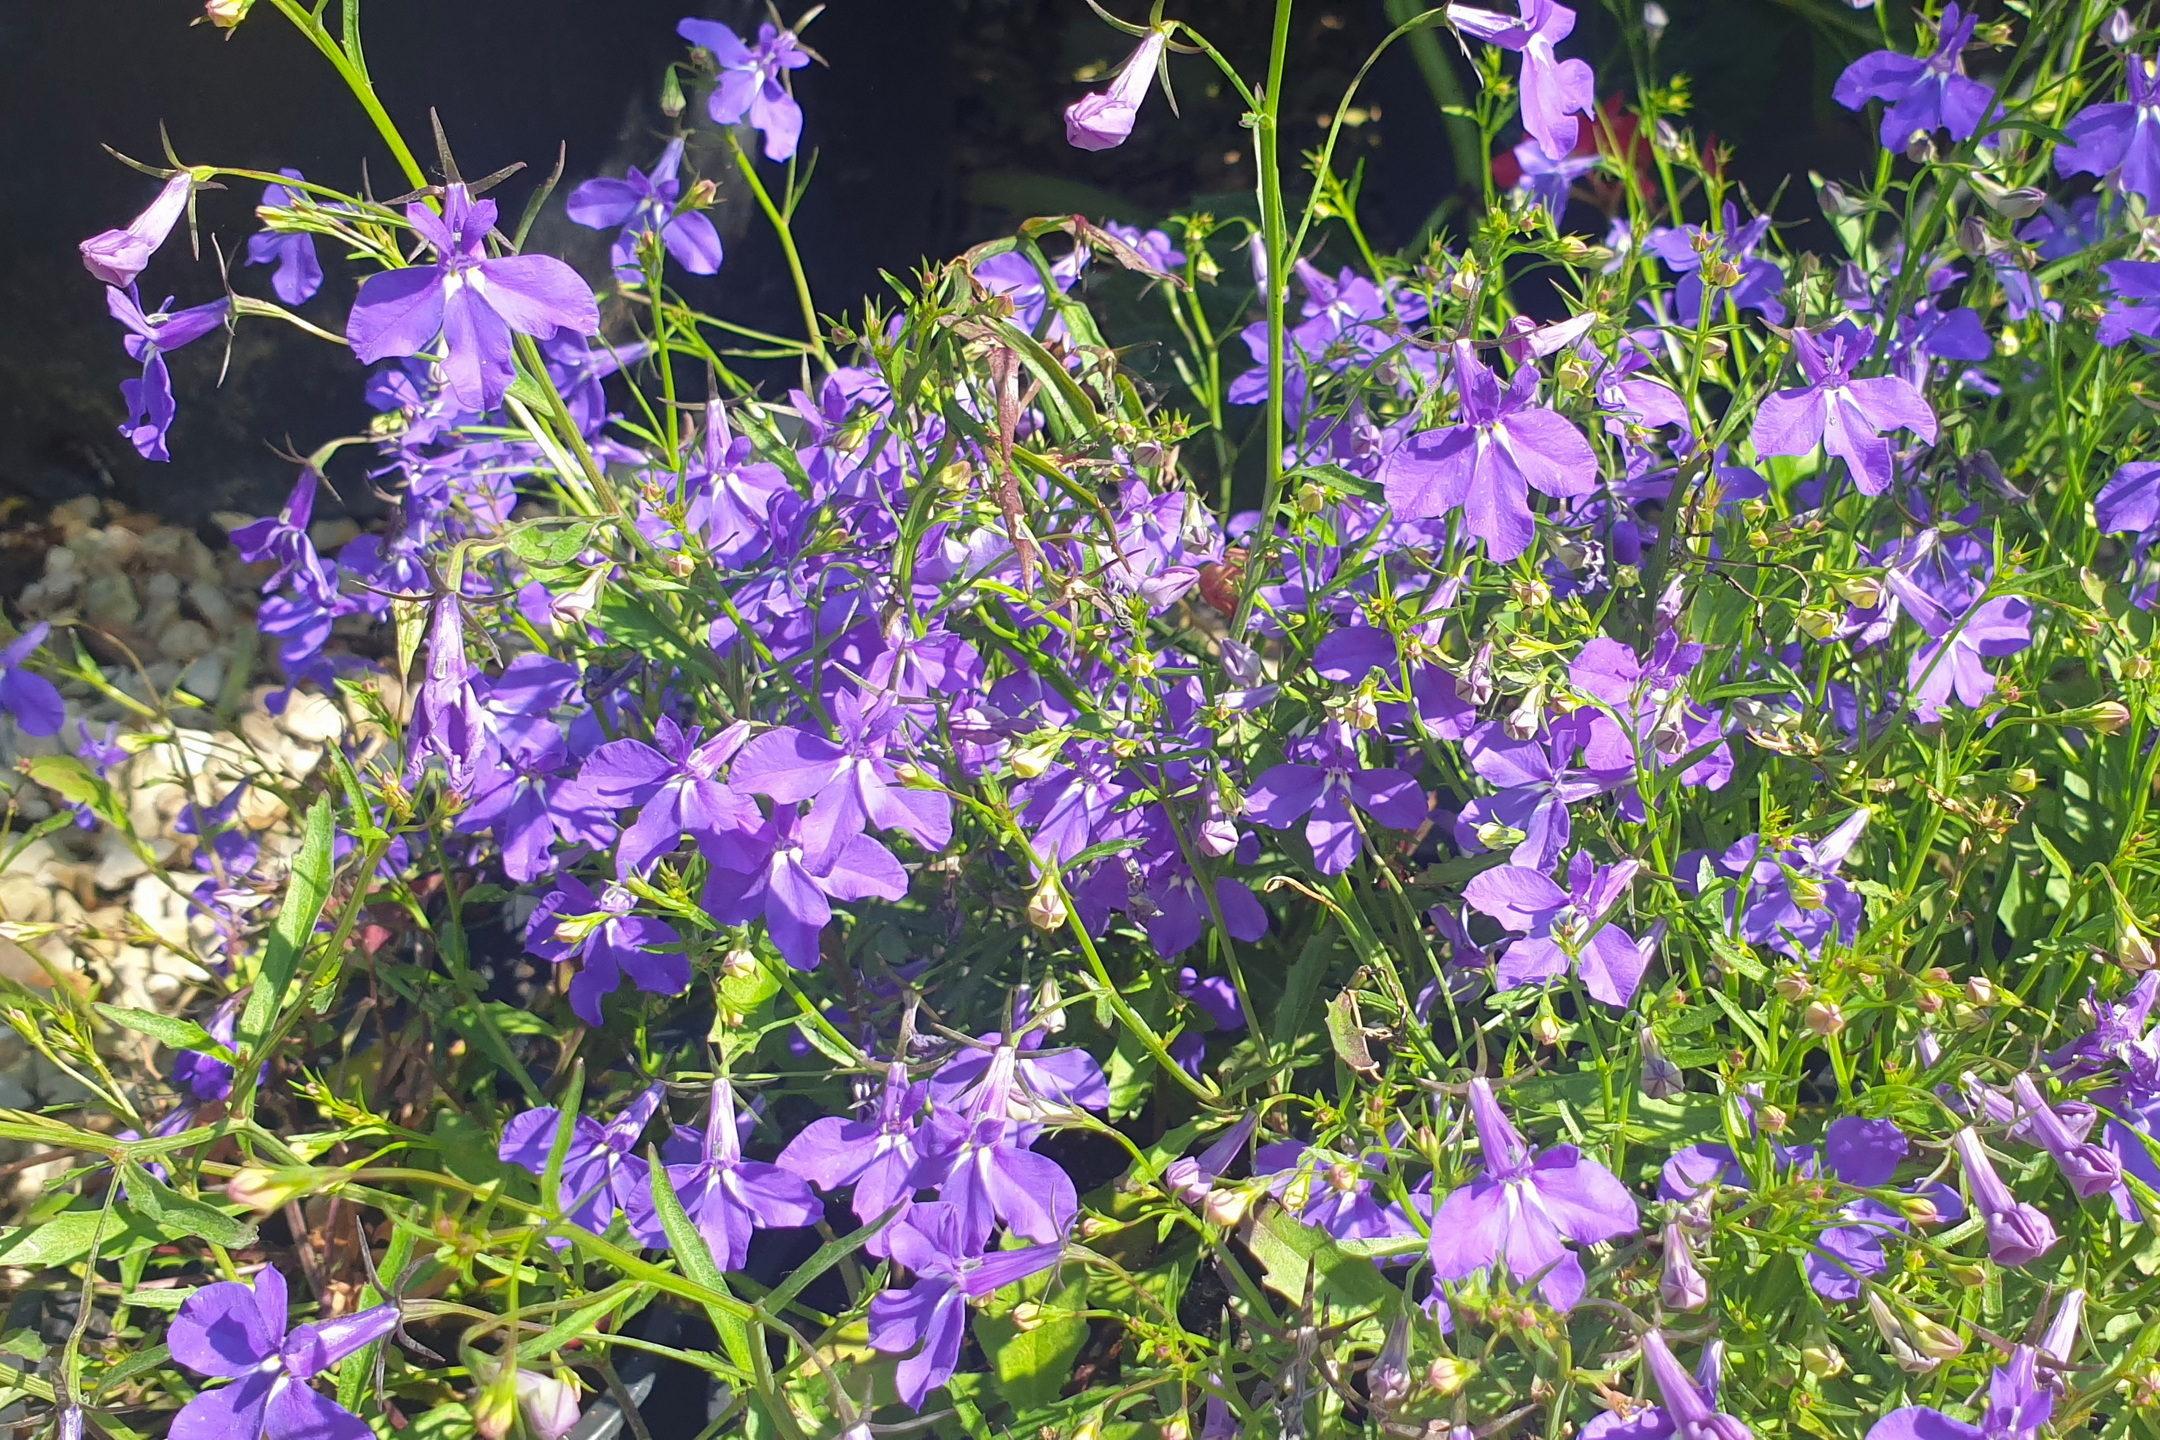 Le-jardin-des-oliviers-21-06-12-13.jpg